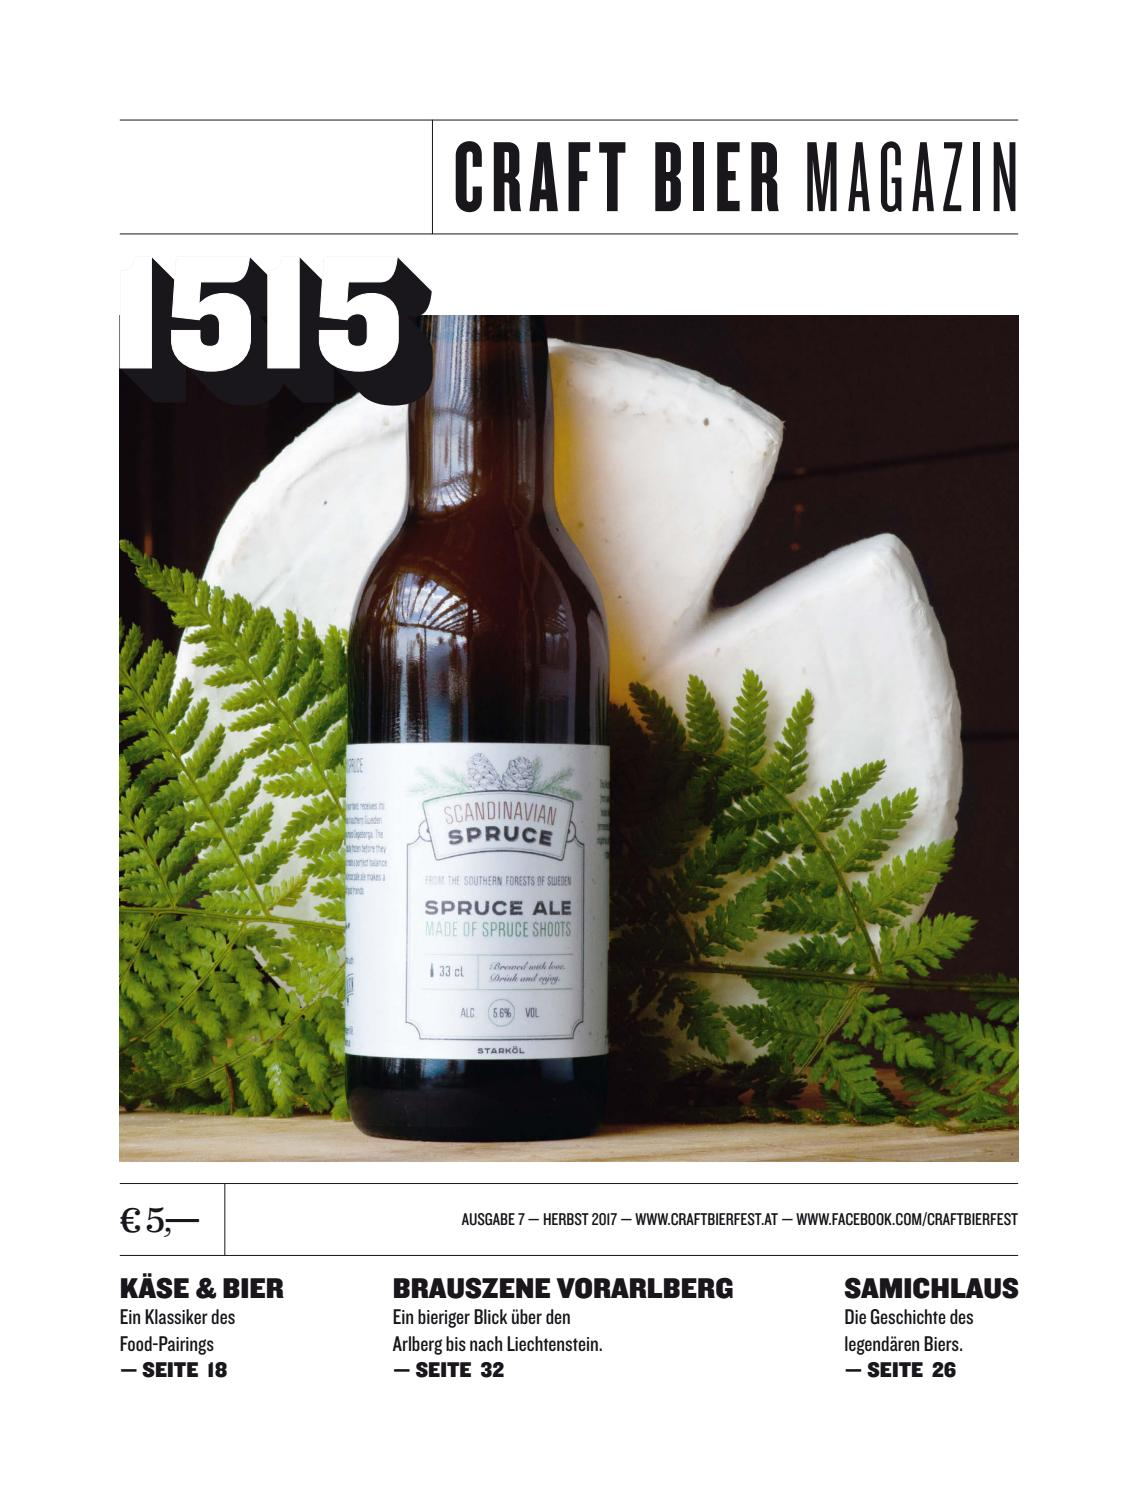 1515 craft bier magazin #07 – herbst 2017 by craft bier fest - issuu